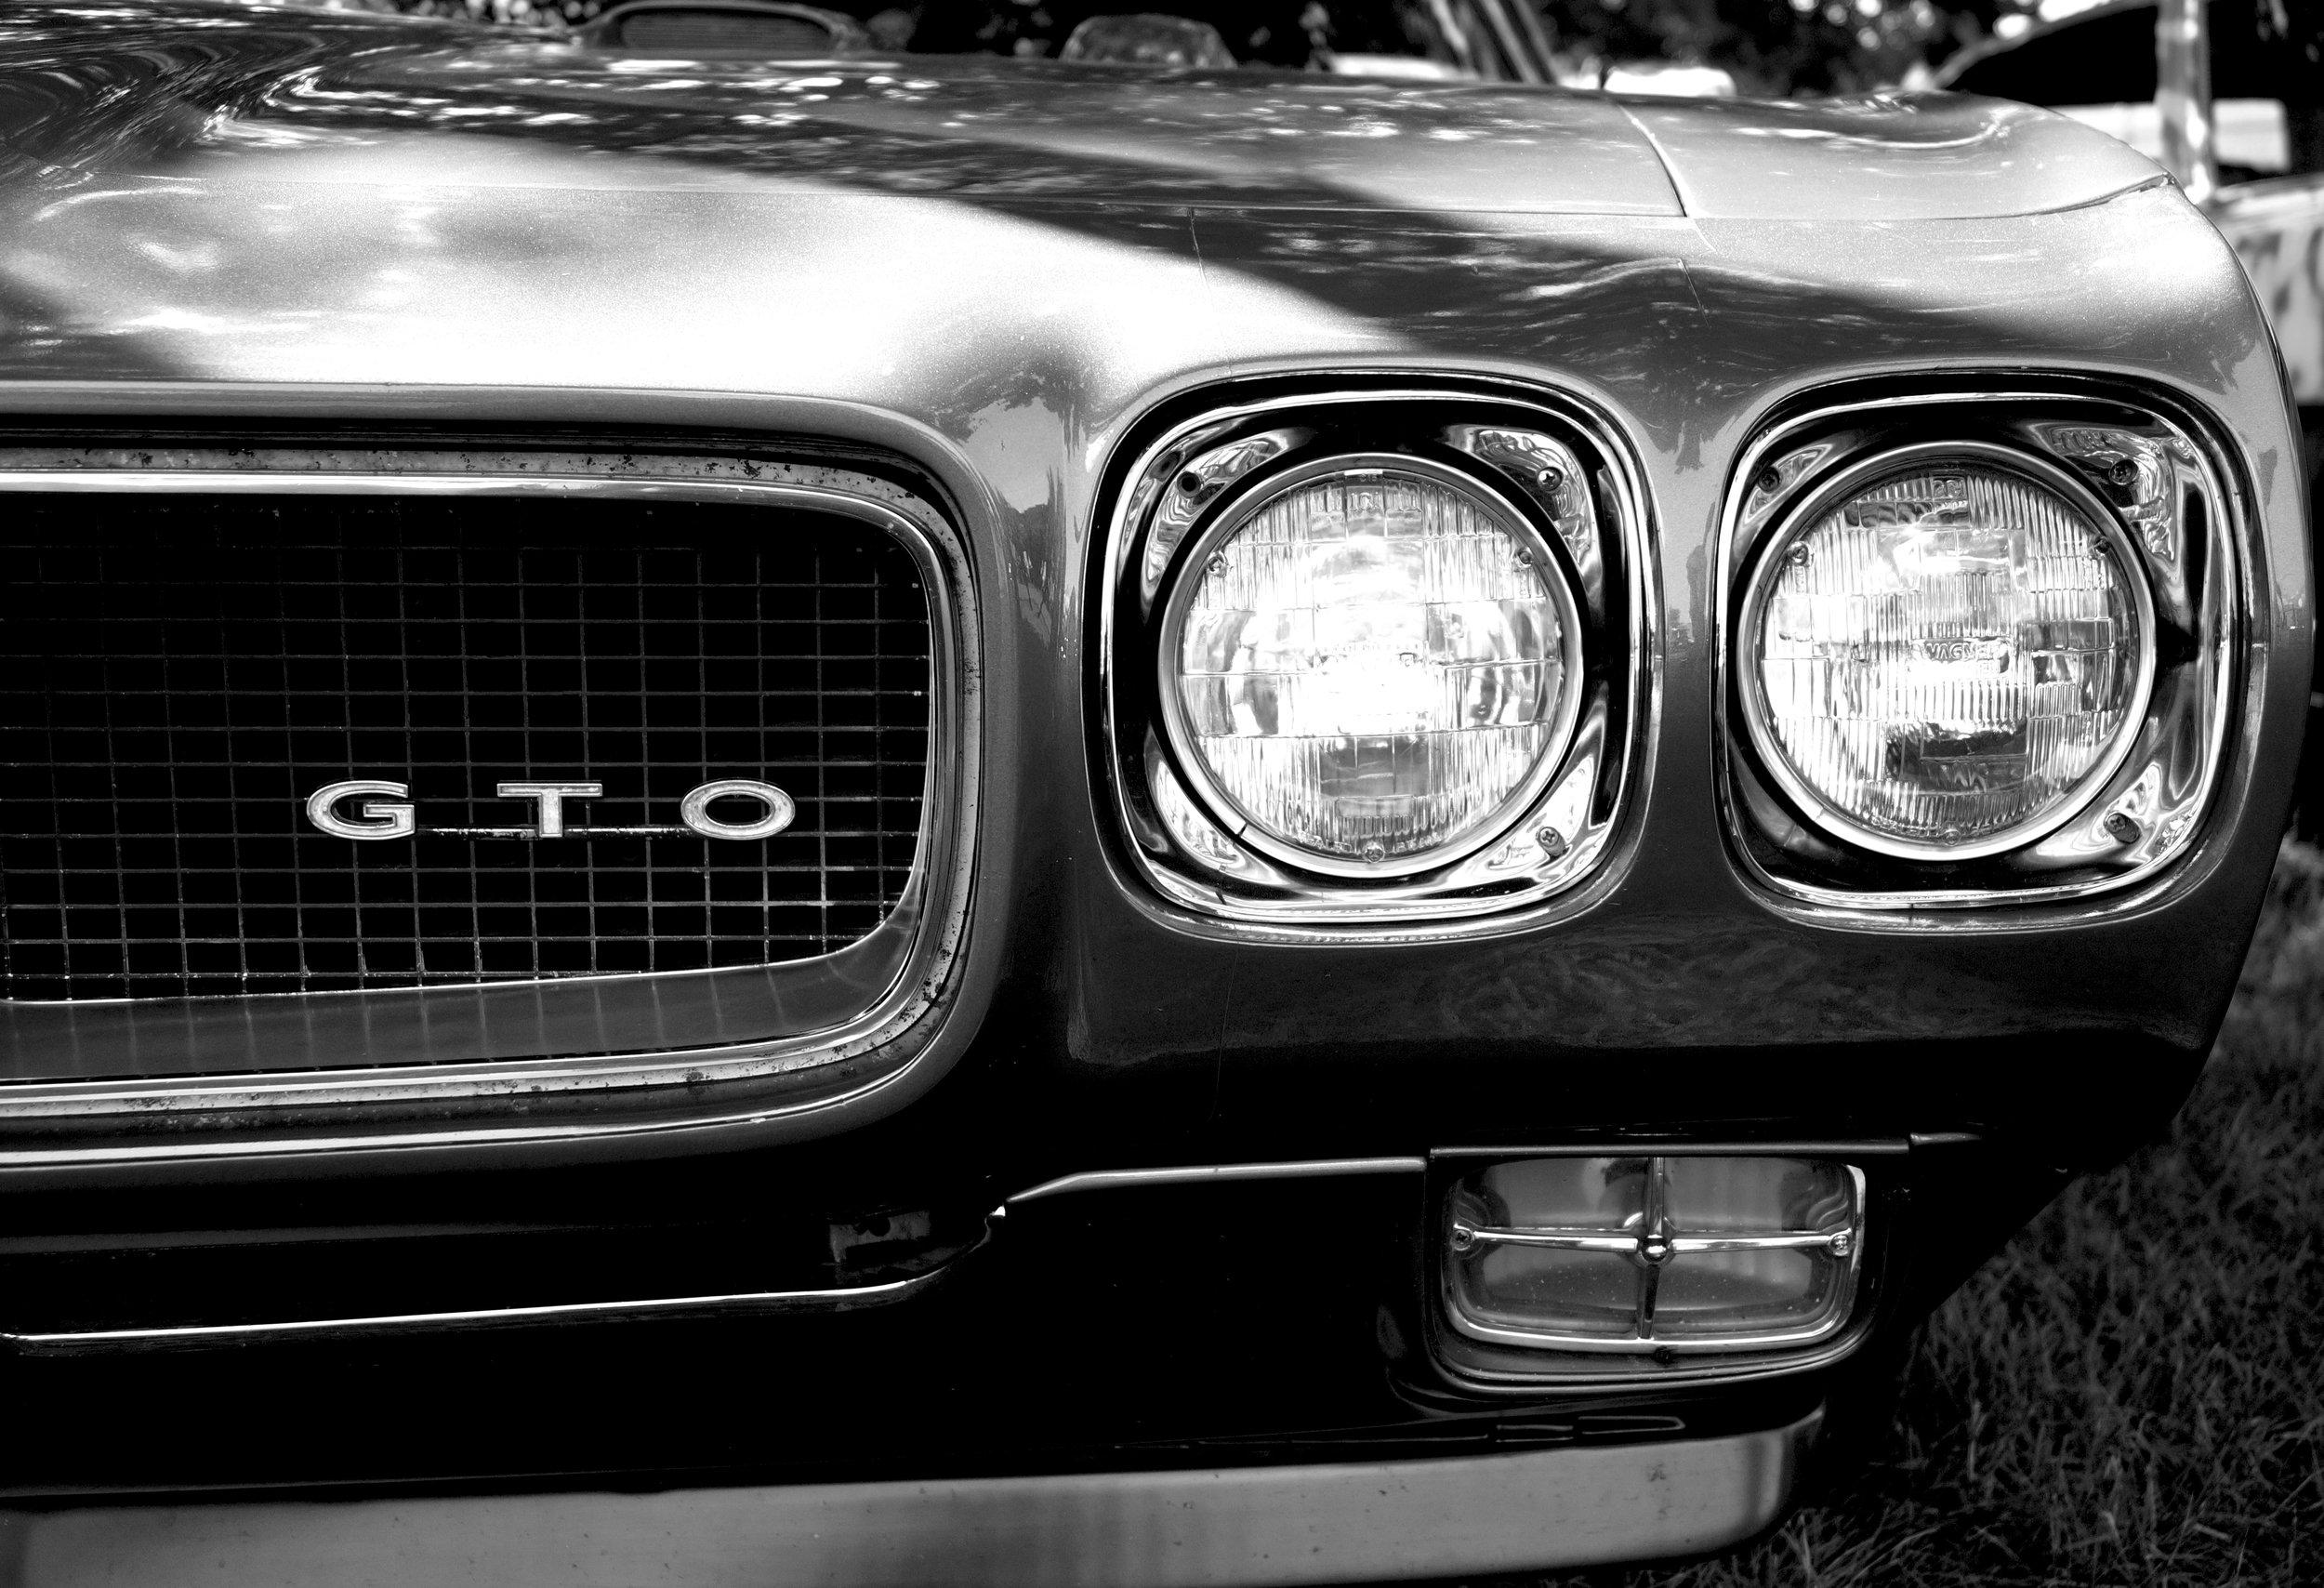 B+W GTO